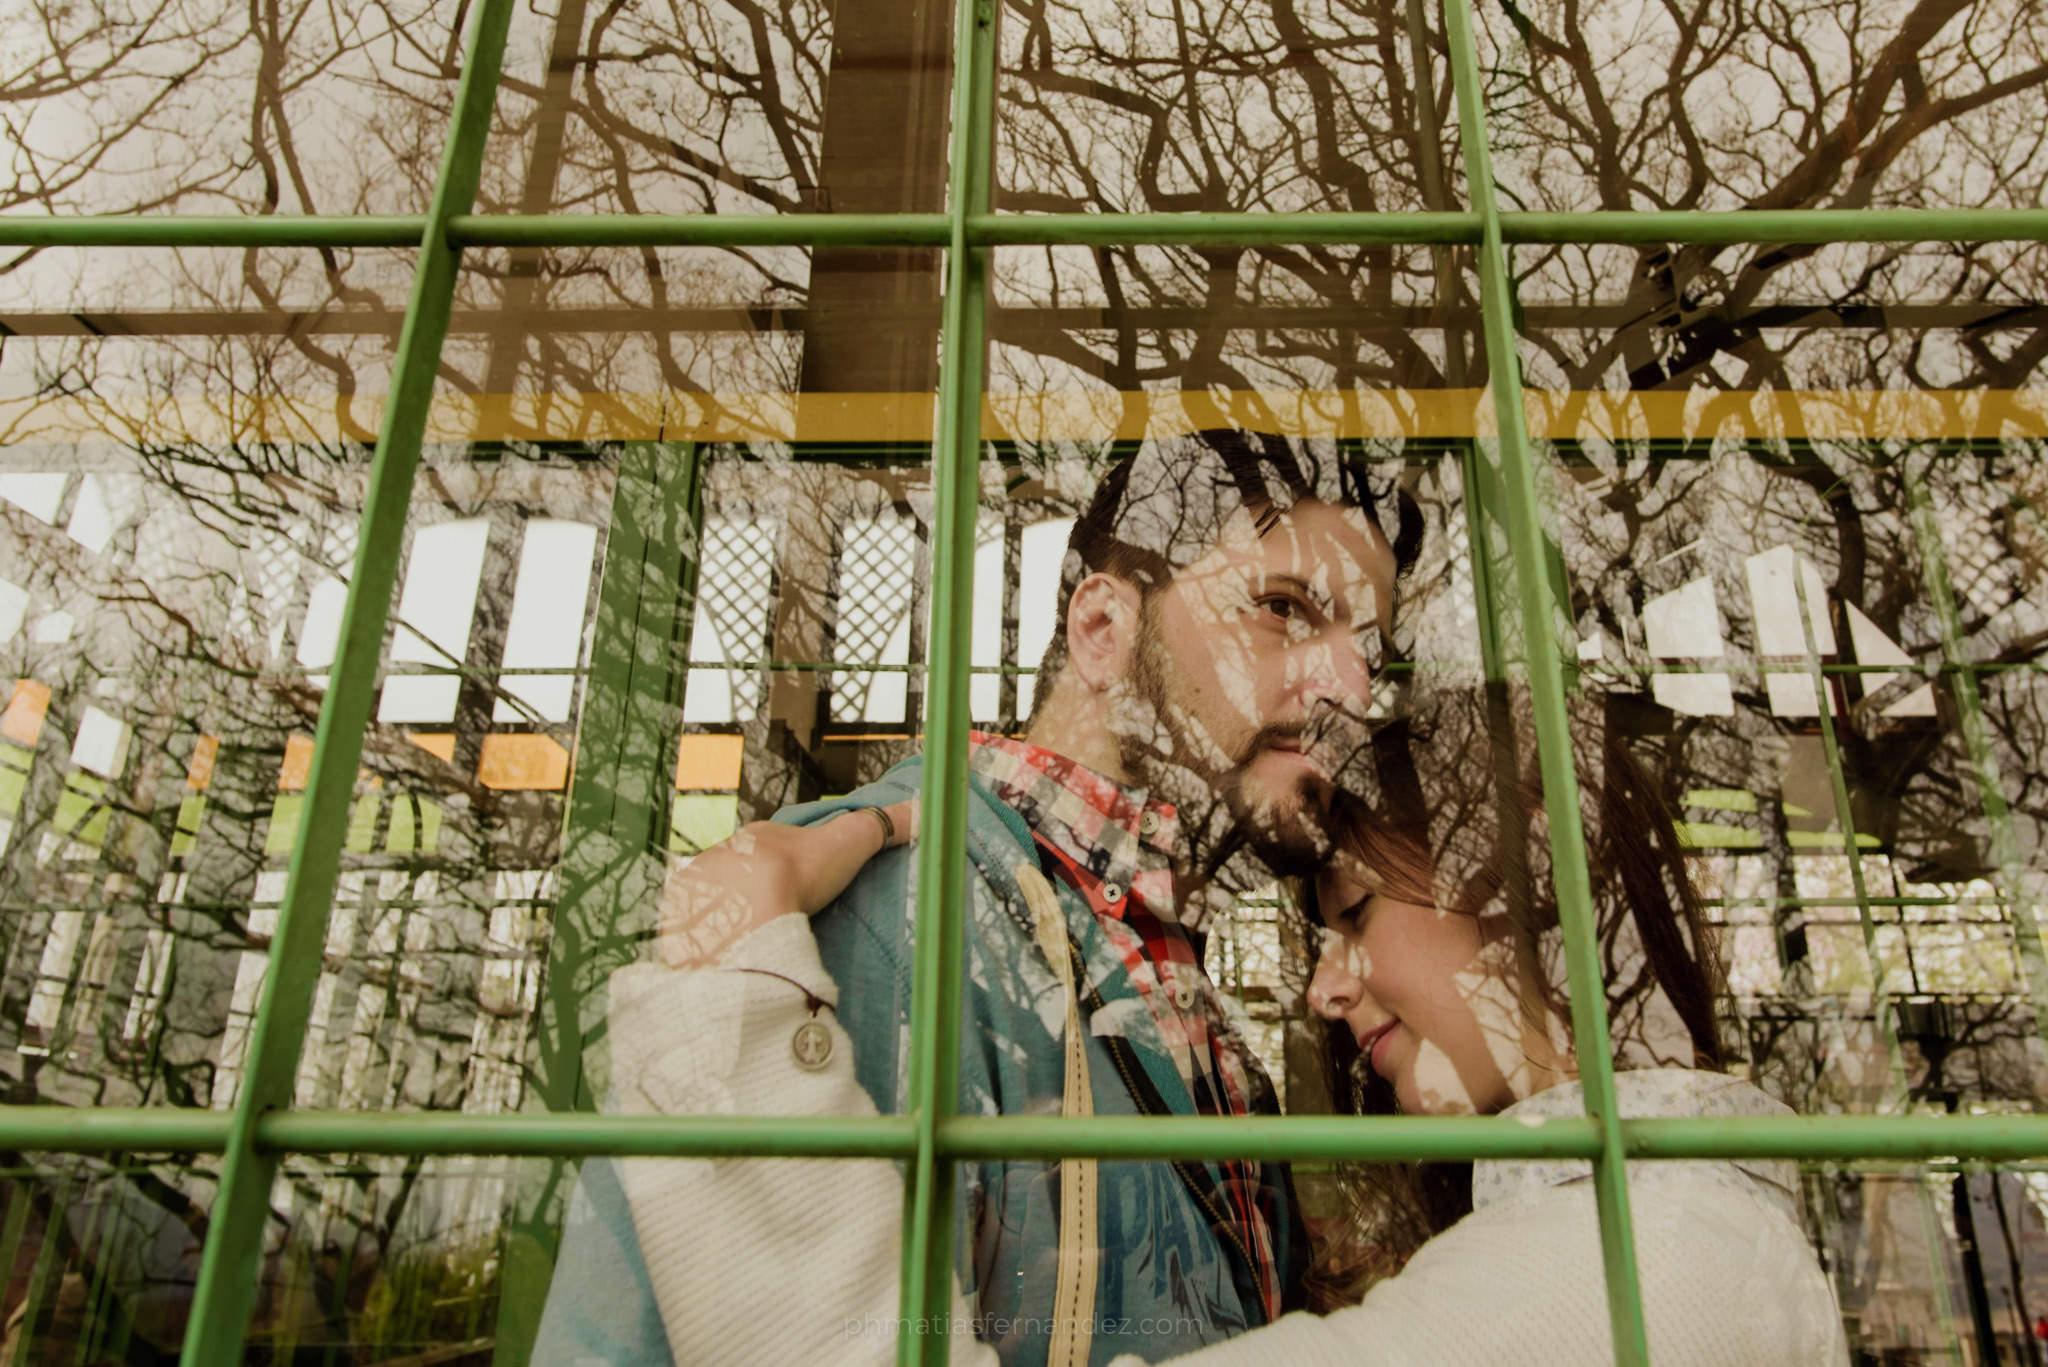 Boda Titi & Andres – phmatiasfernandez – matias fernandez fotografia – matias fernandez